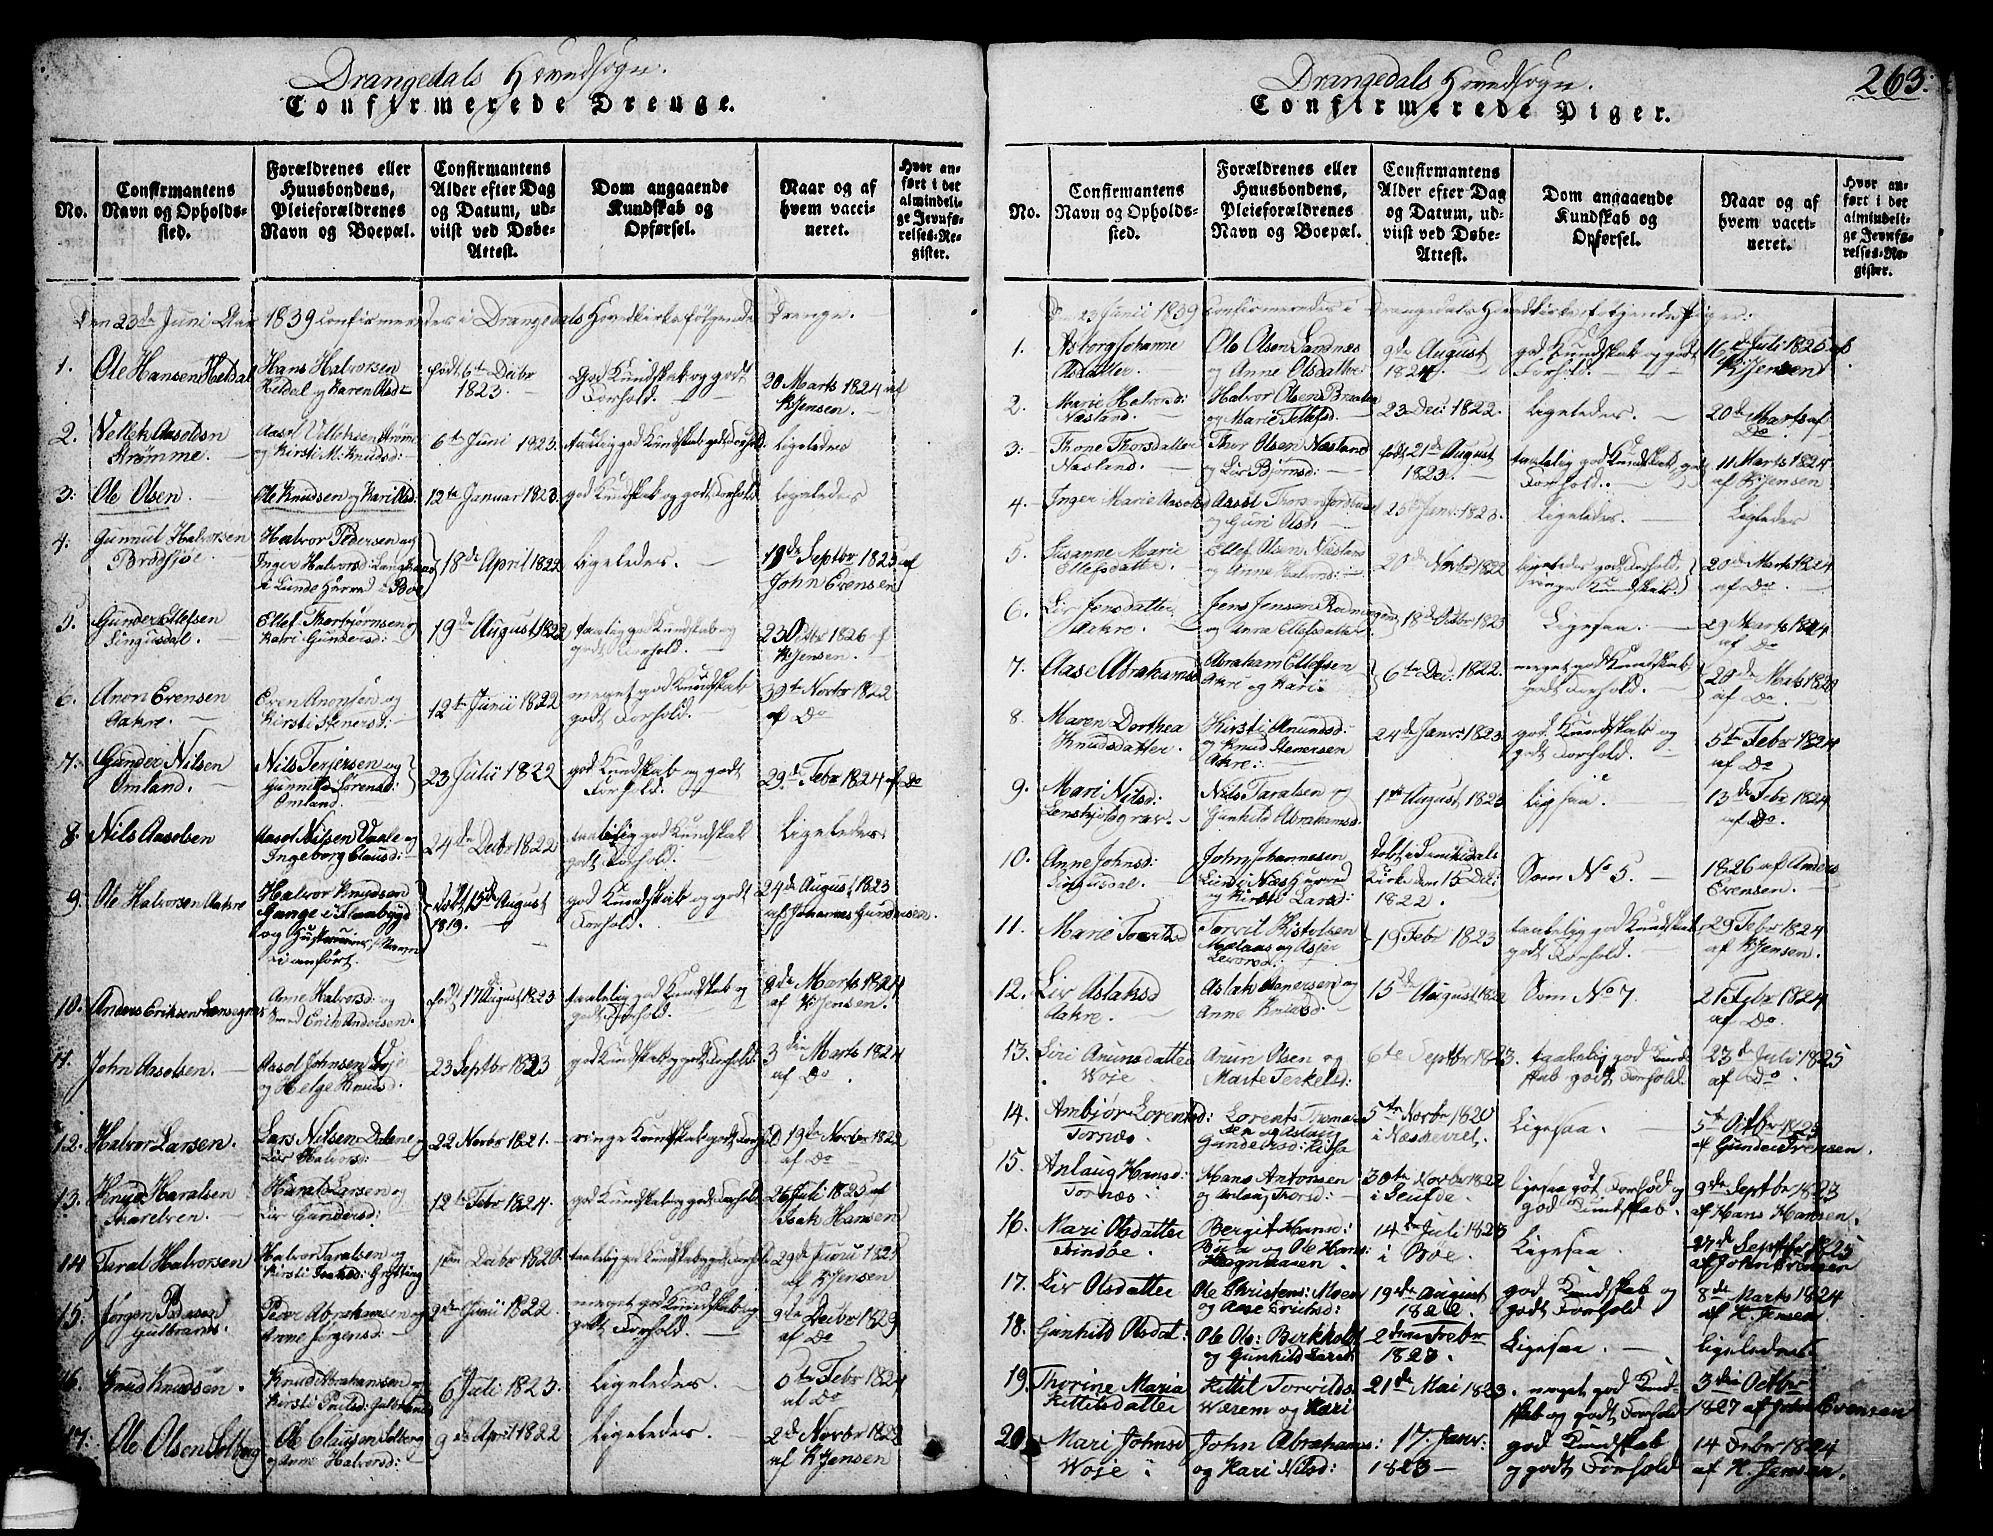 SAKO, Drangedal kirkebøker, G/Ga/L0001: Klokkerbok nr. I 1 /1, 1814-1856, s. 263